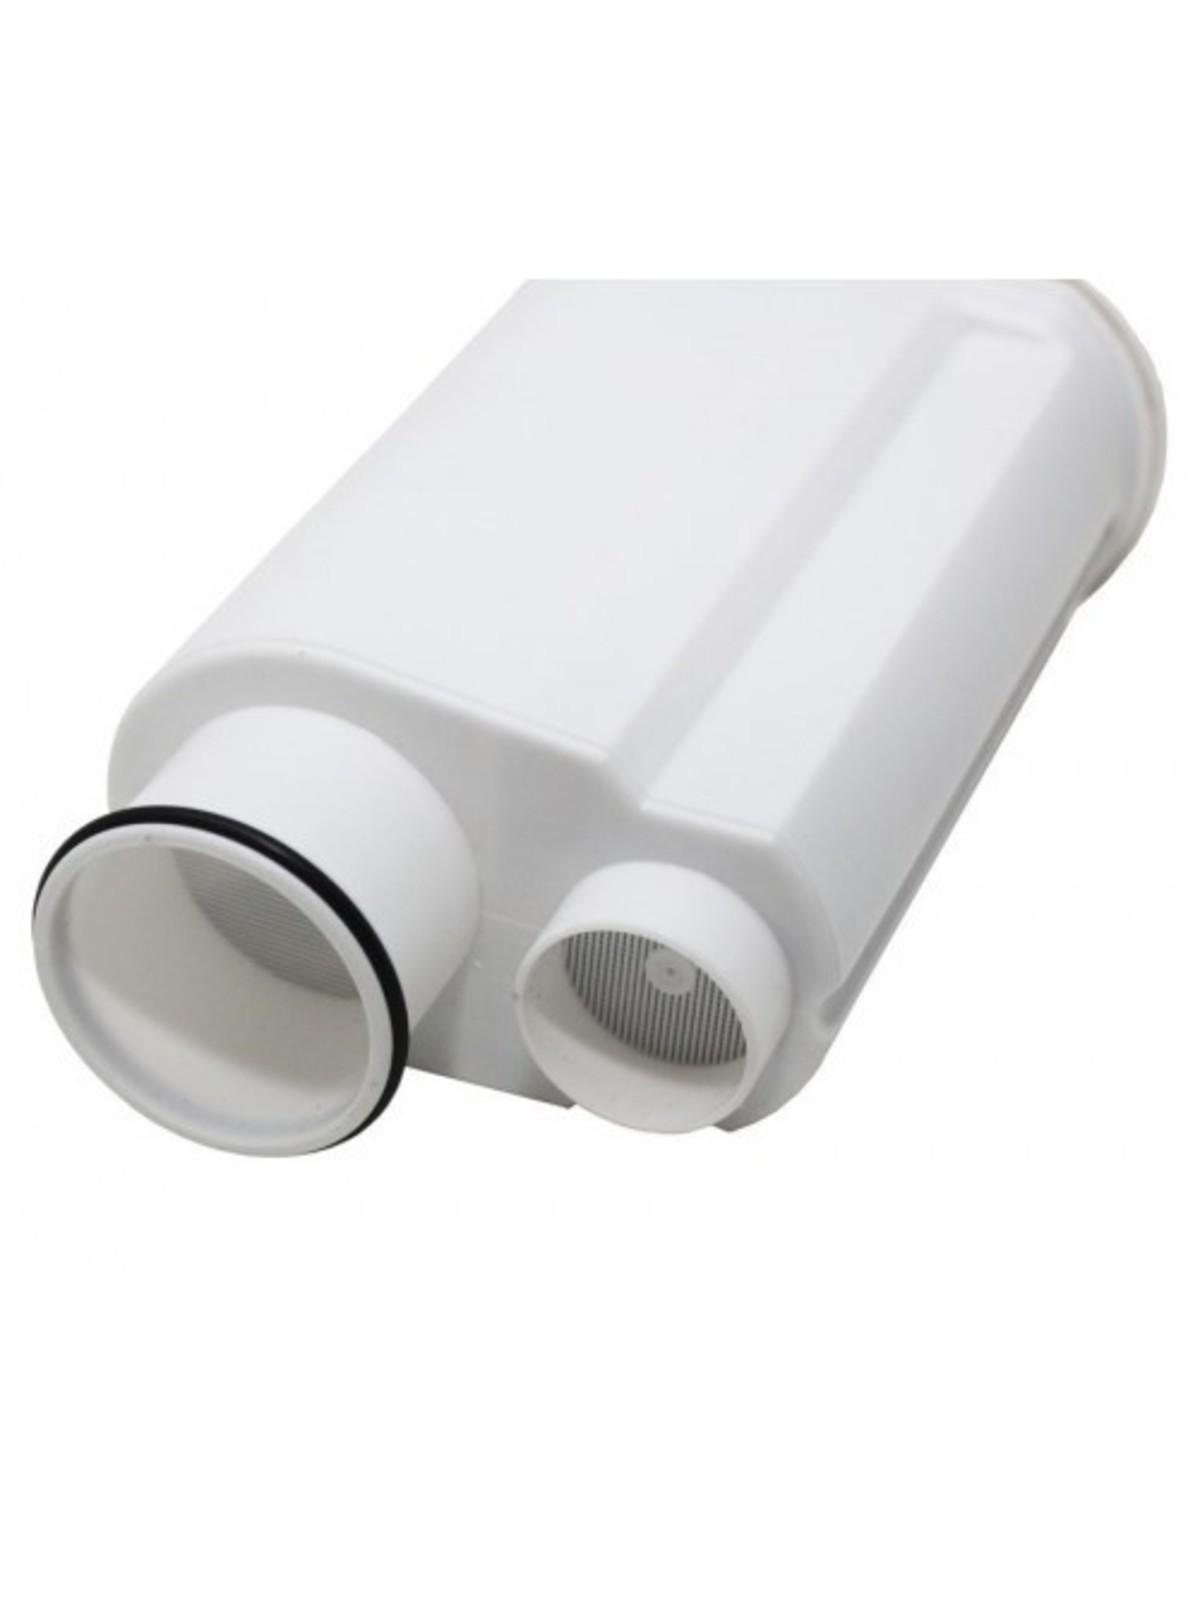 ECCELLENTE Waterfilter compatibel met Gaggia Intenza